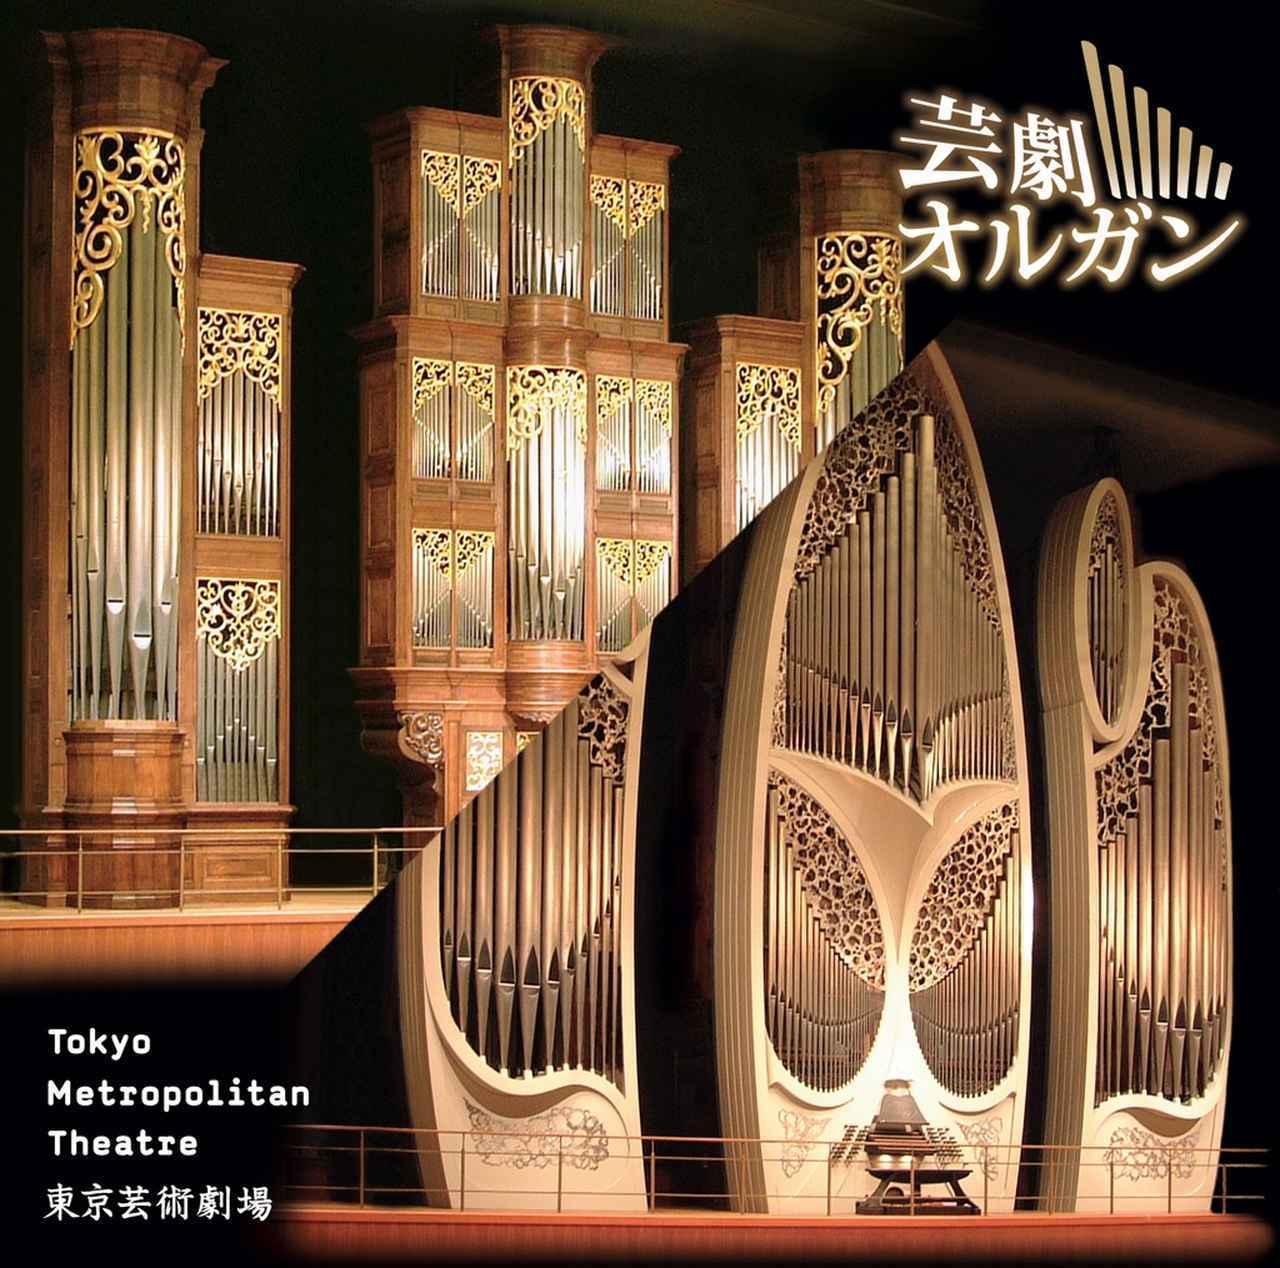 画像: 「風の音を聴いてほしい!」芸劇オルガンのDSD 11.2MHz録音現場に伺った